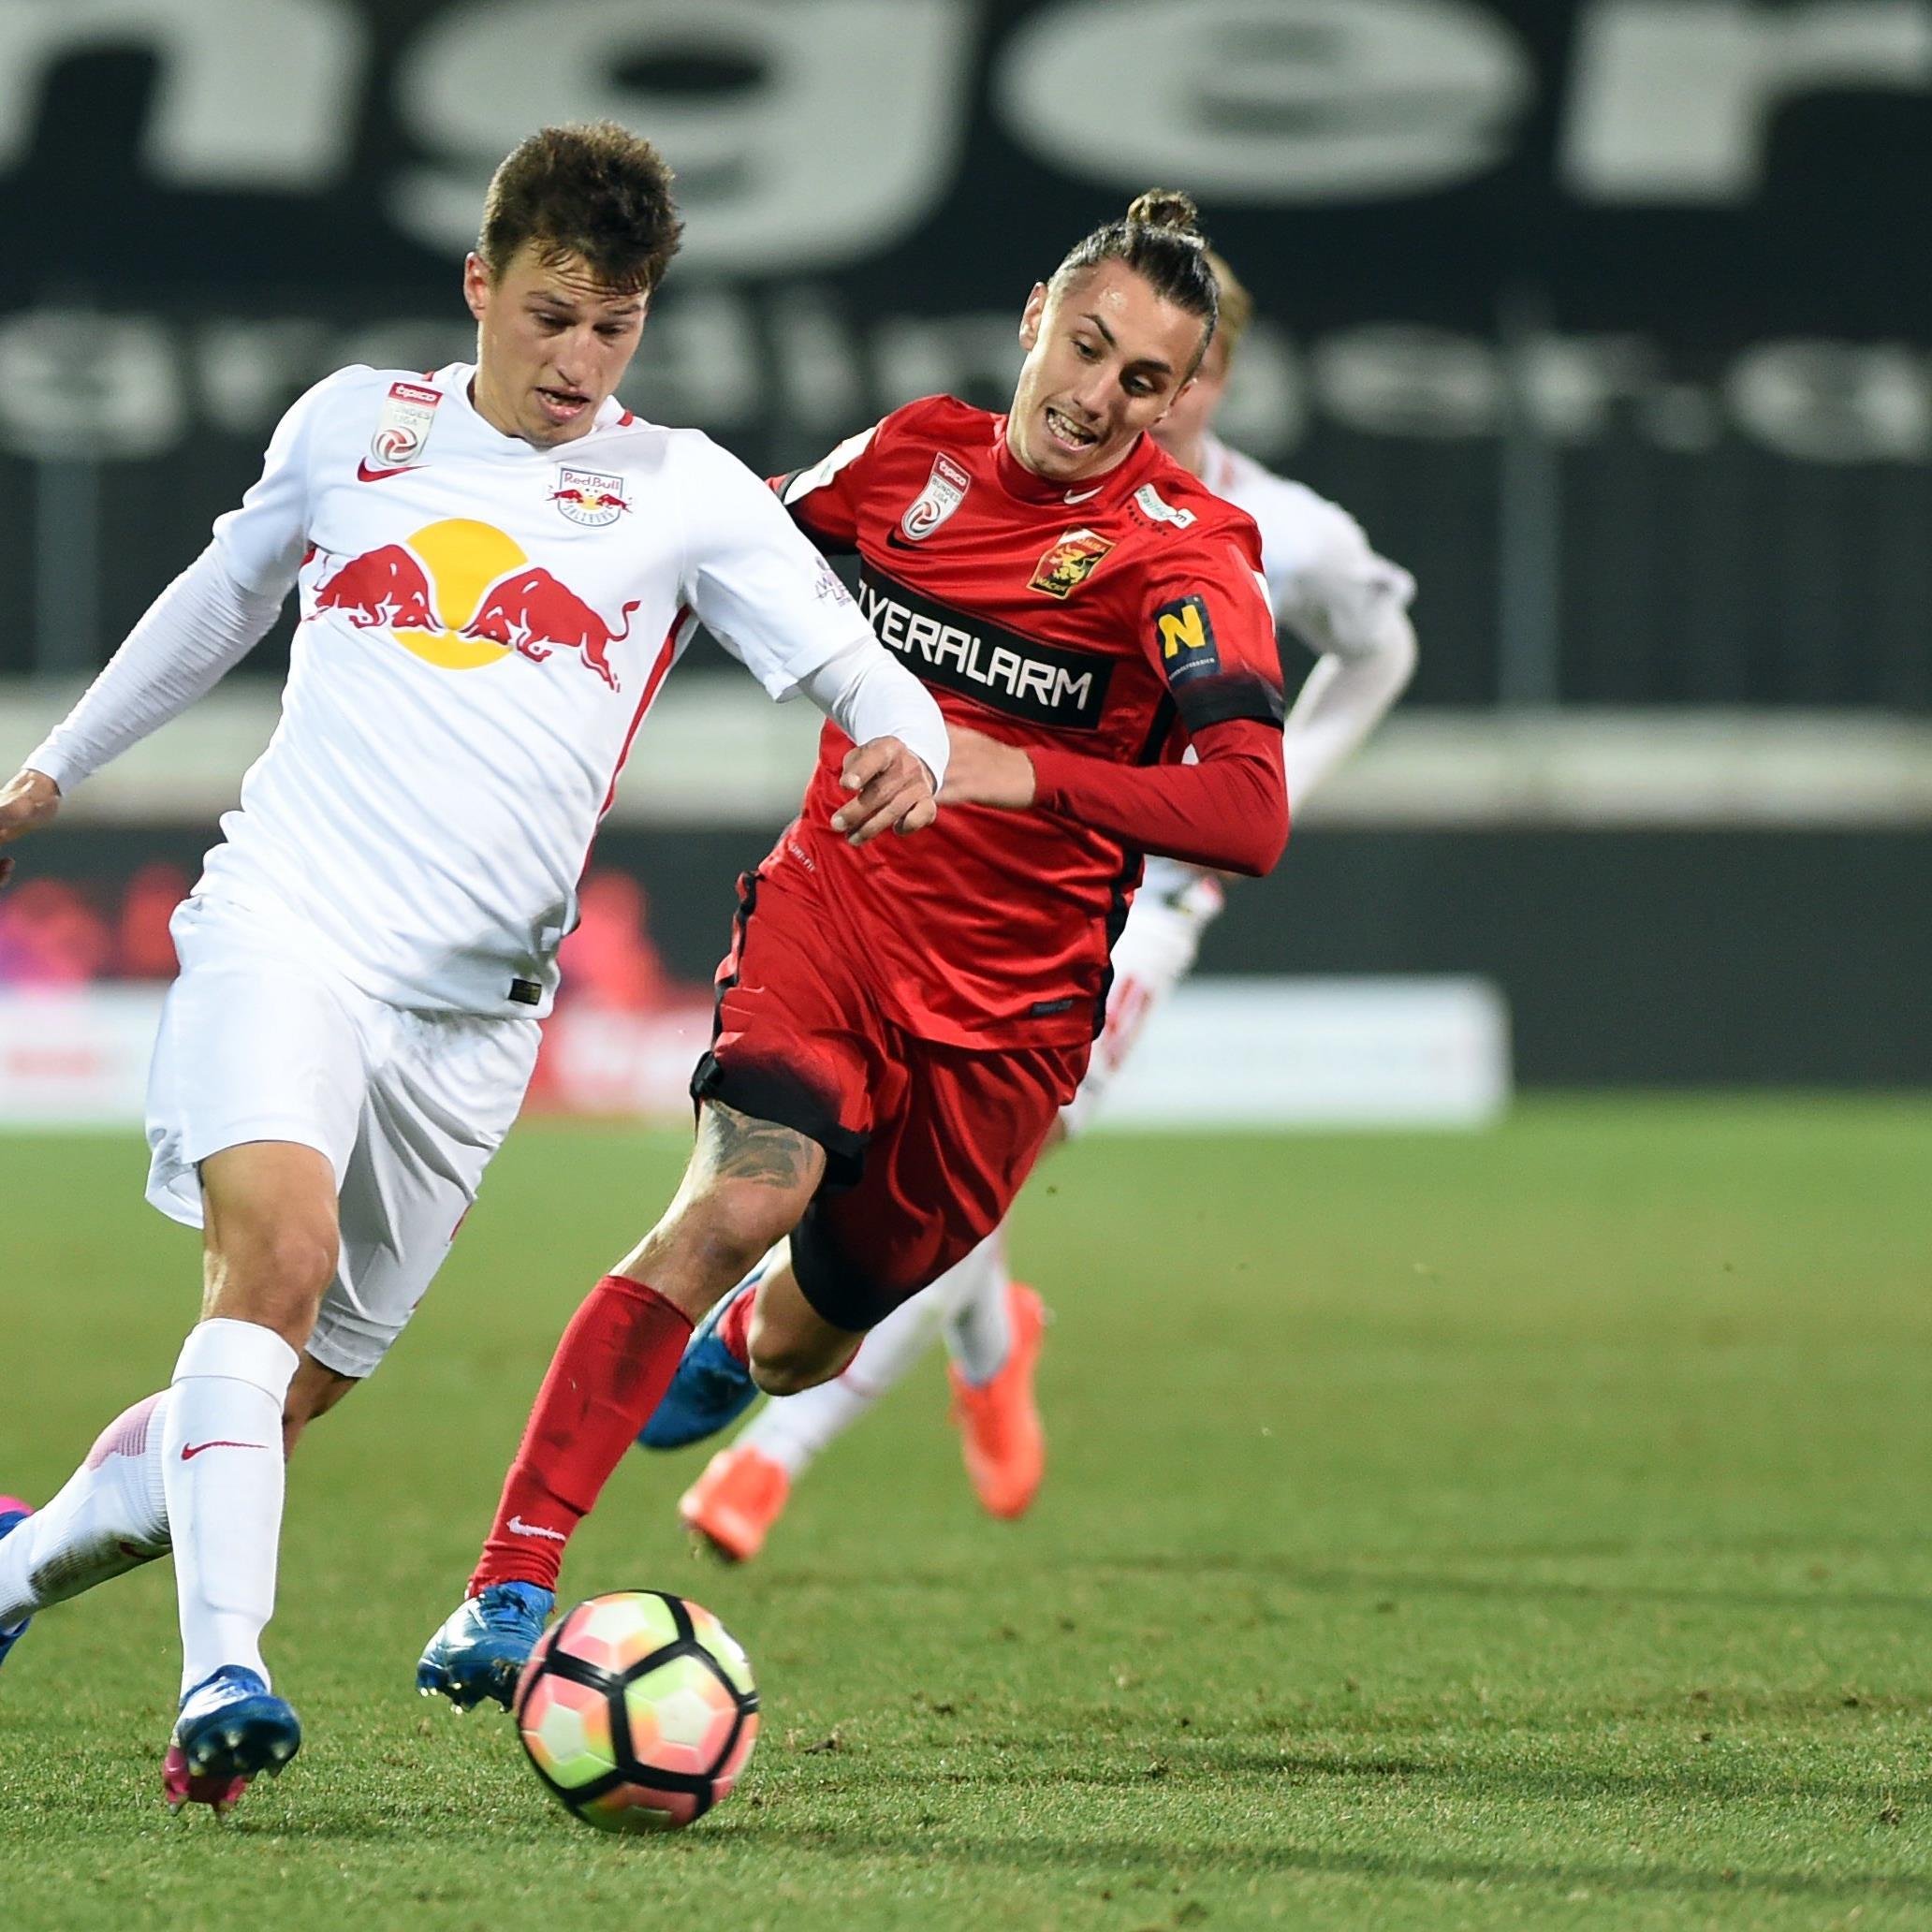 Die Admira empfängt Red Bull Salzburg im Semifinale des ÖFB-Cups.